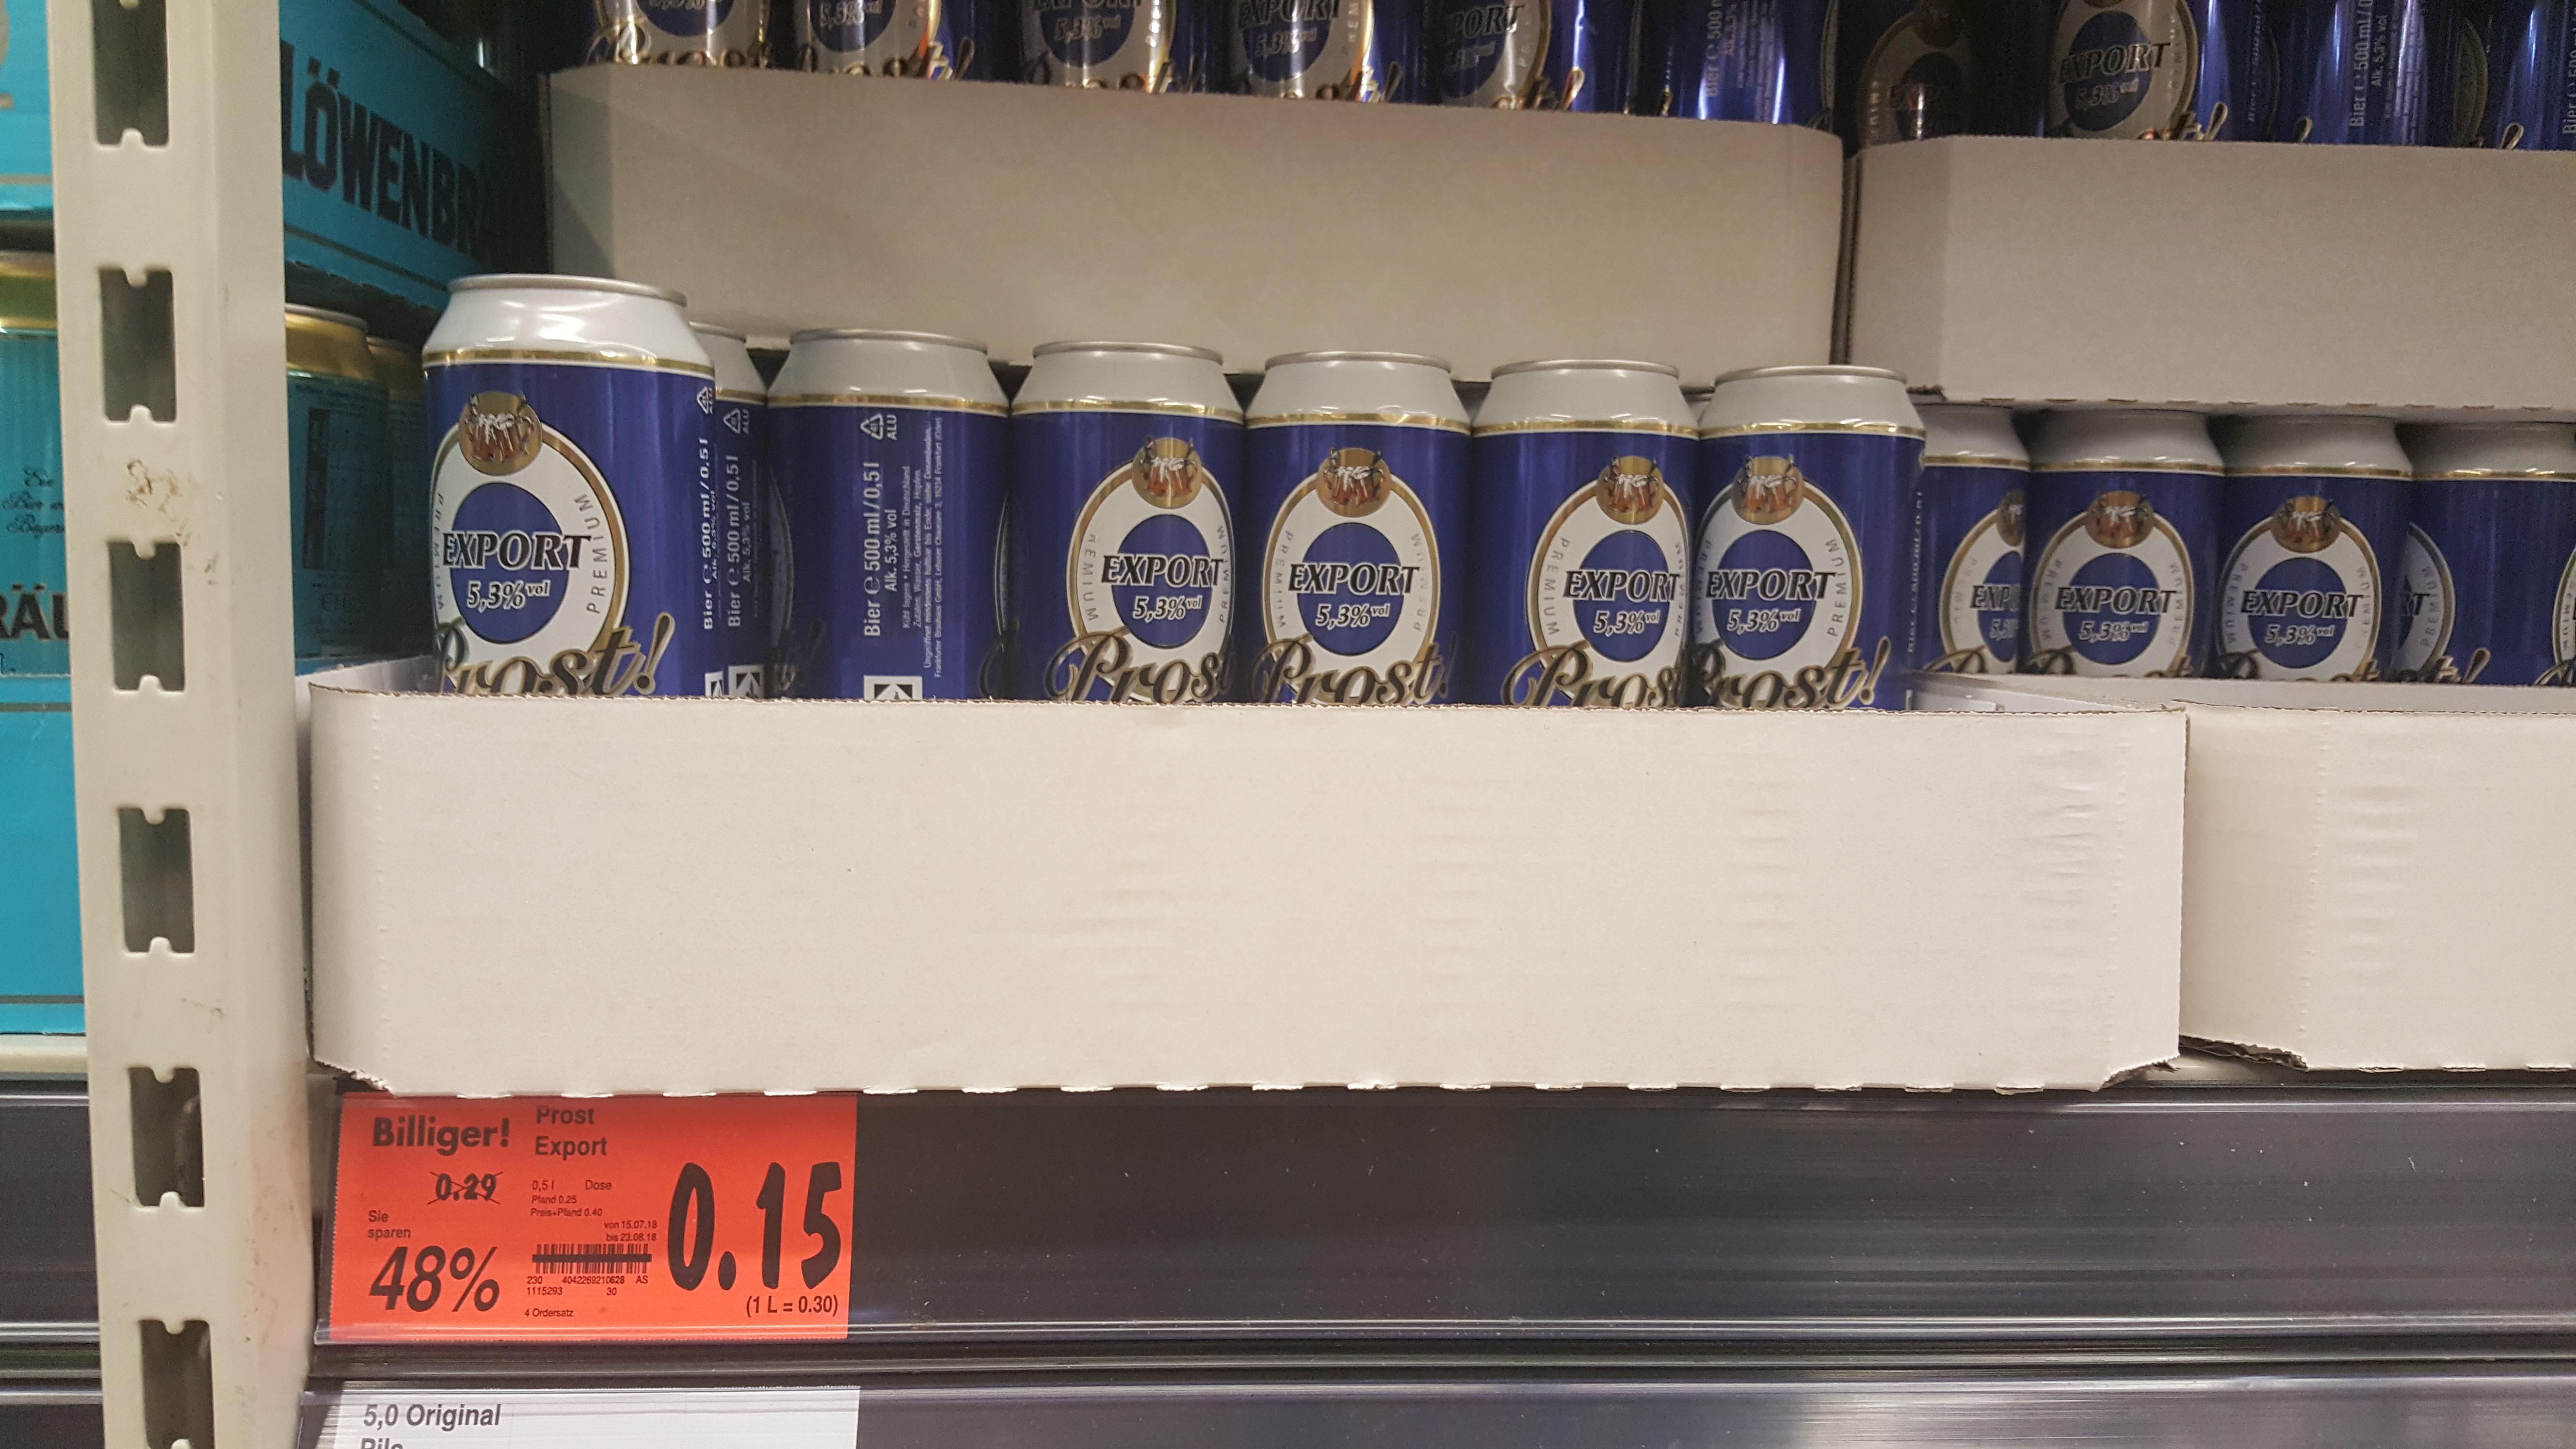 Lokal Kaufland Kaufbeuren Prost Bier zum Schleuderpreis